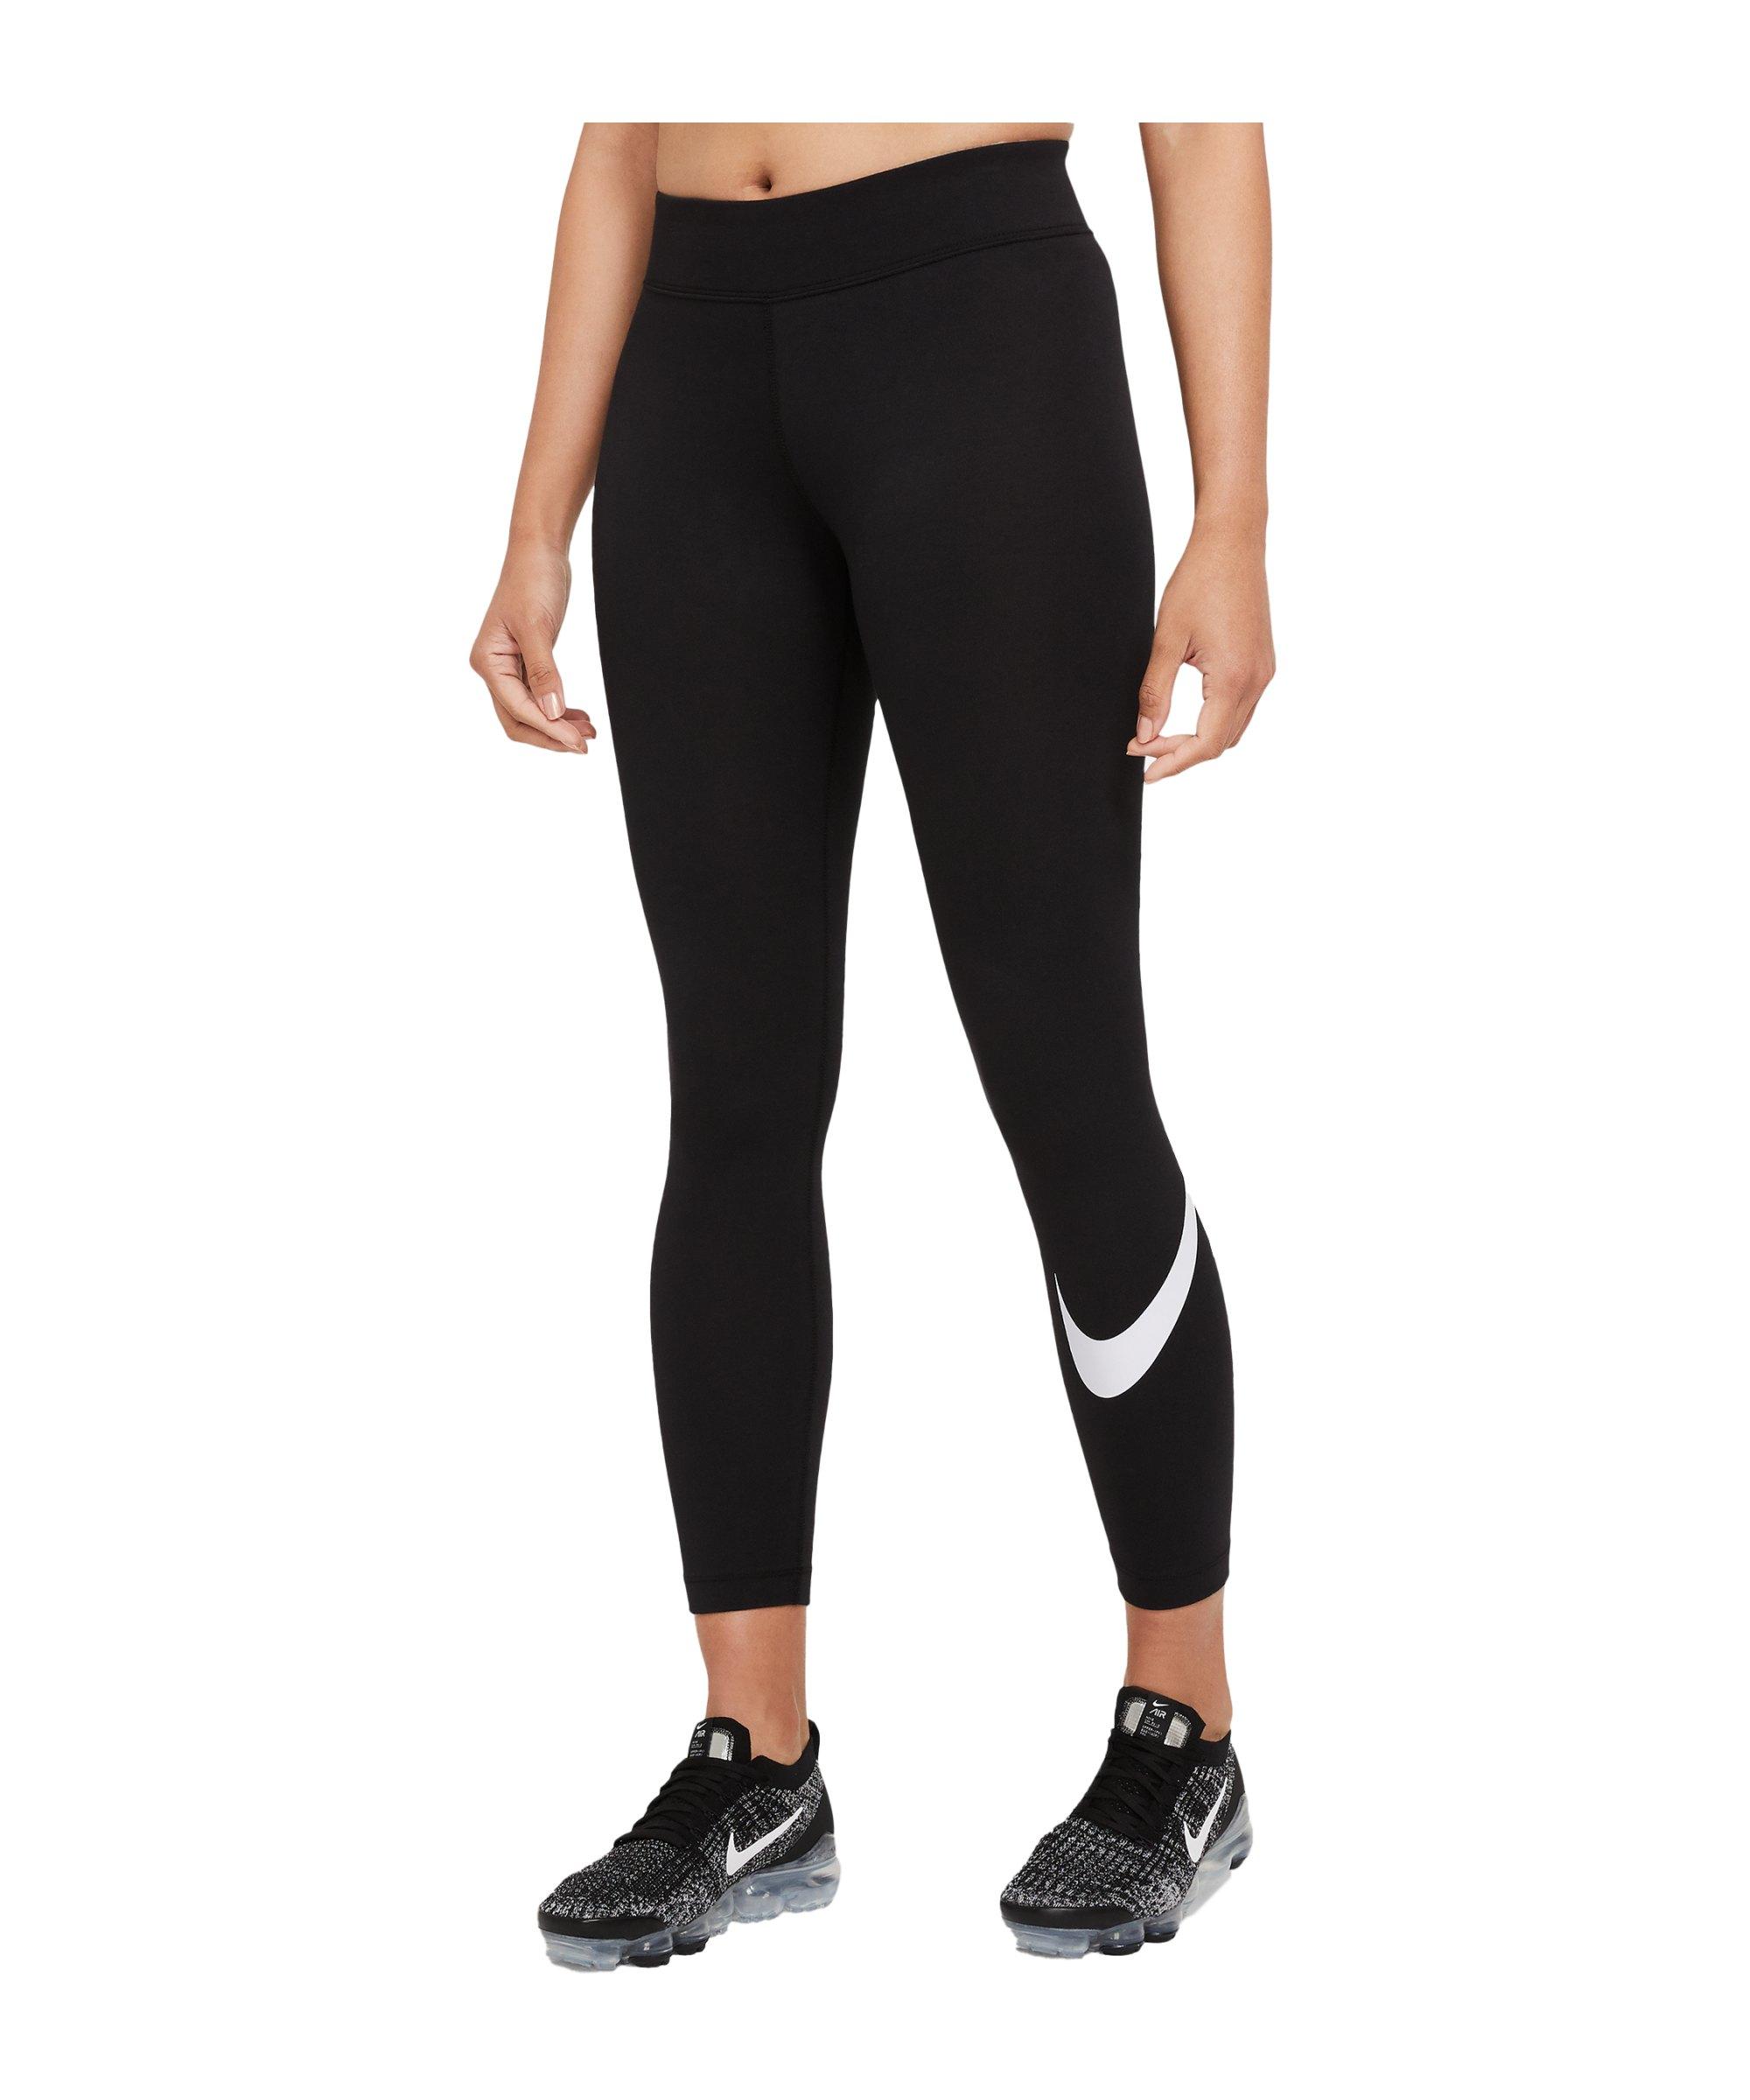 Nike Essentials Swoosh Leggings Damen Schwarz F010 - schwarz